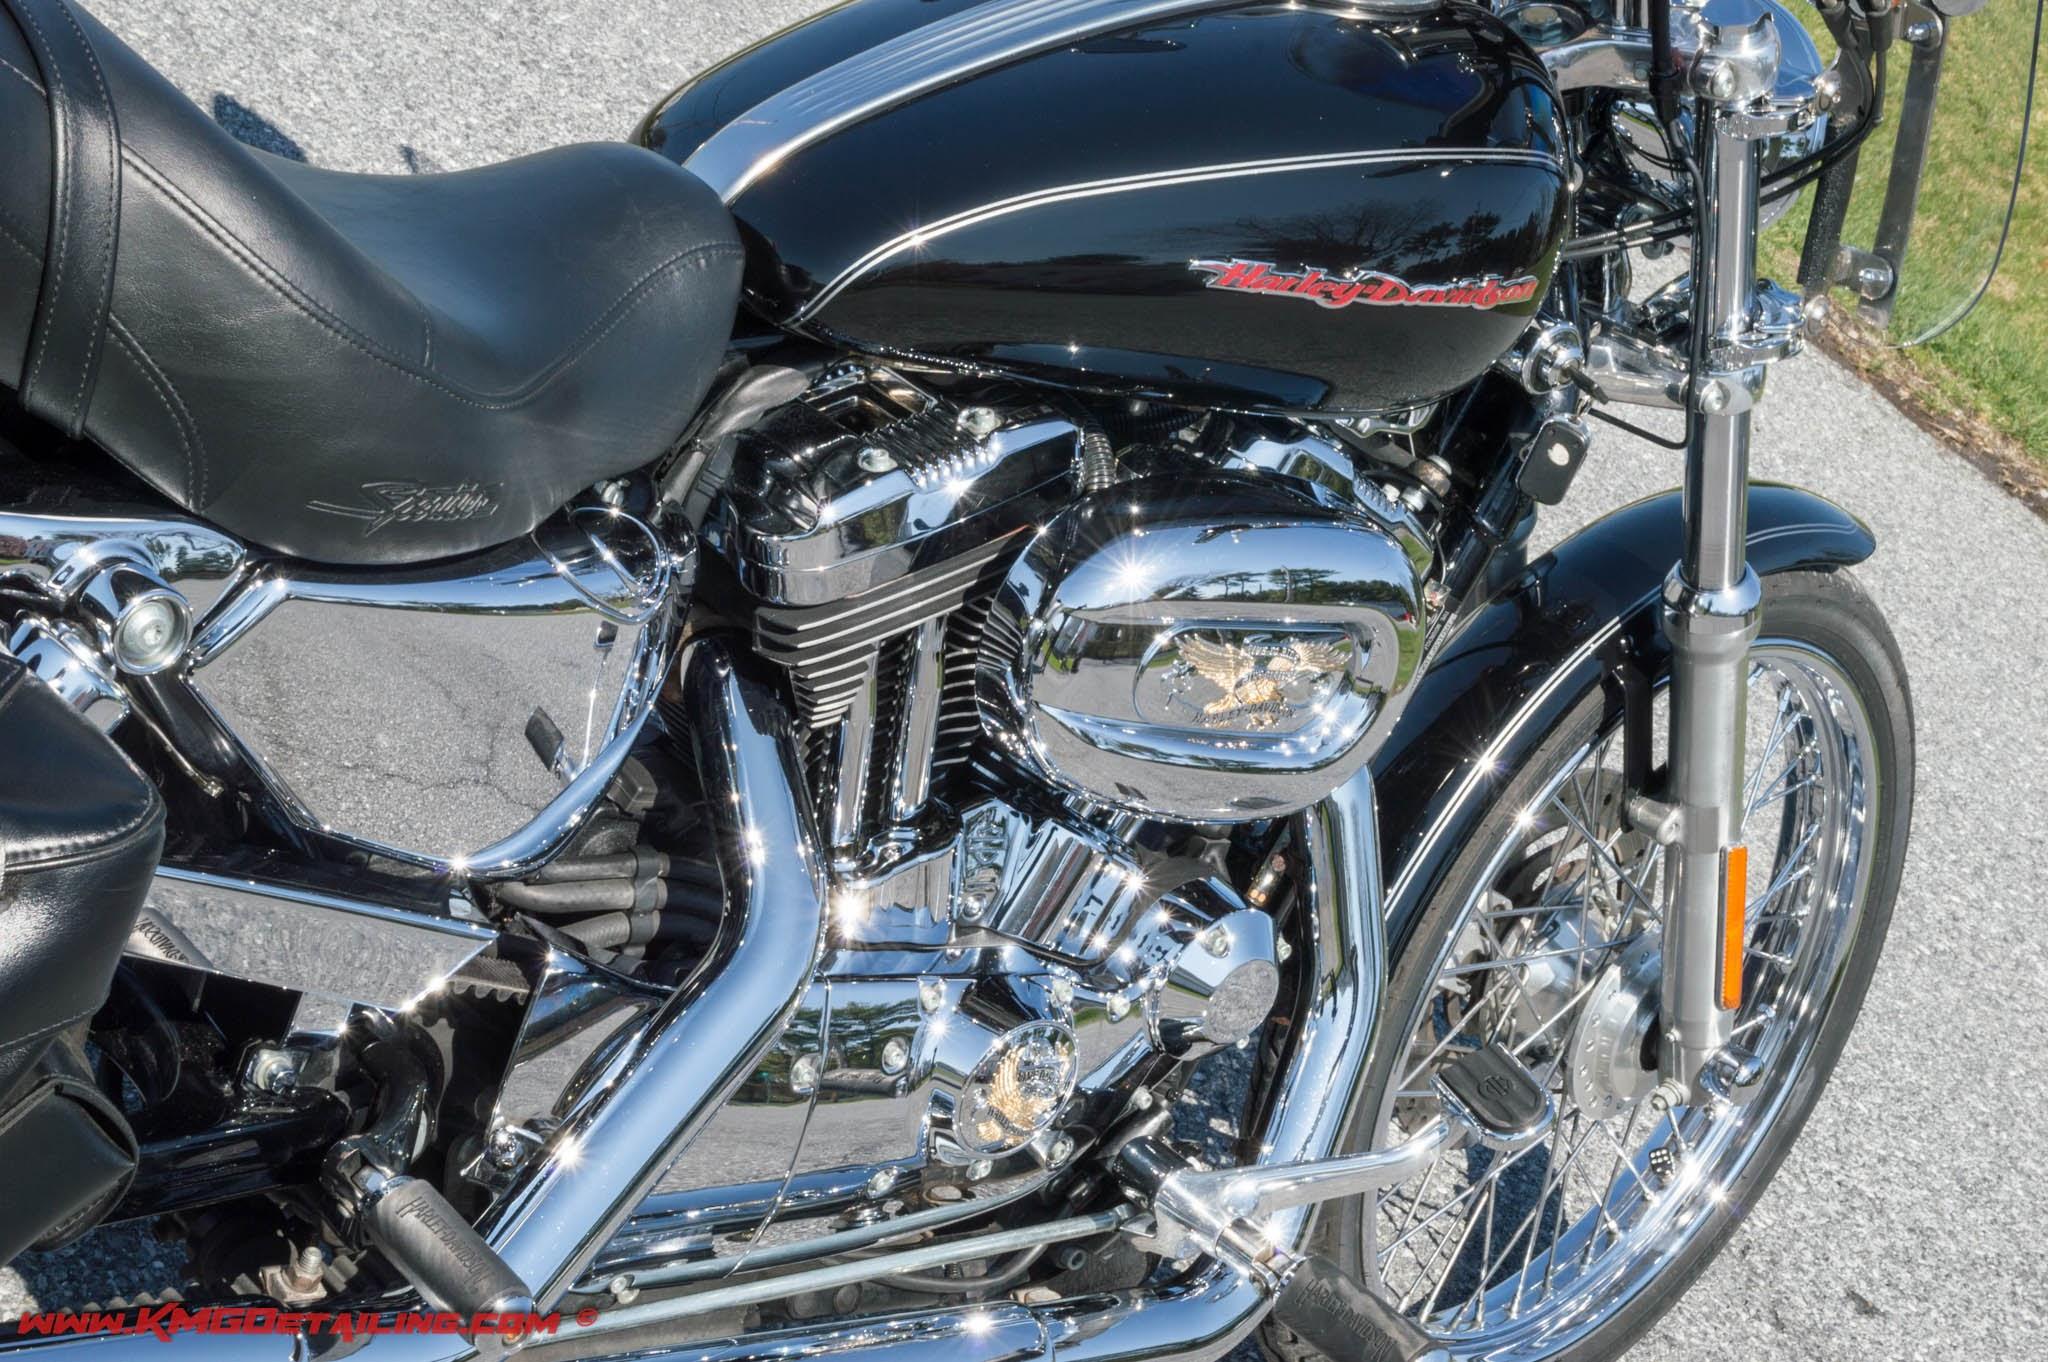 Motorcycle Detailing - Lebanon, Pa